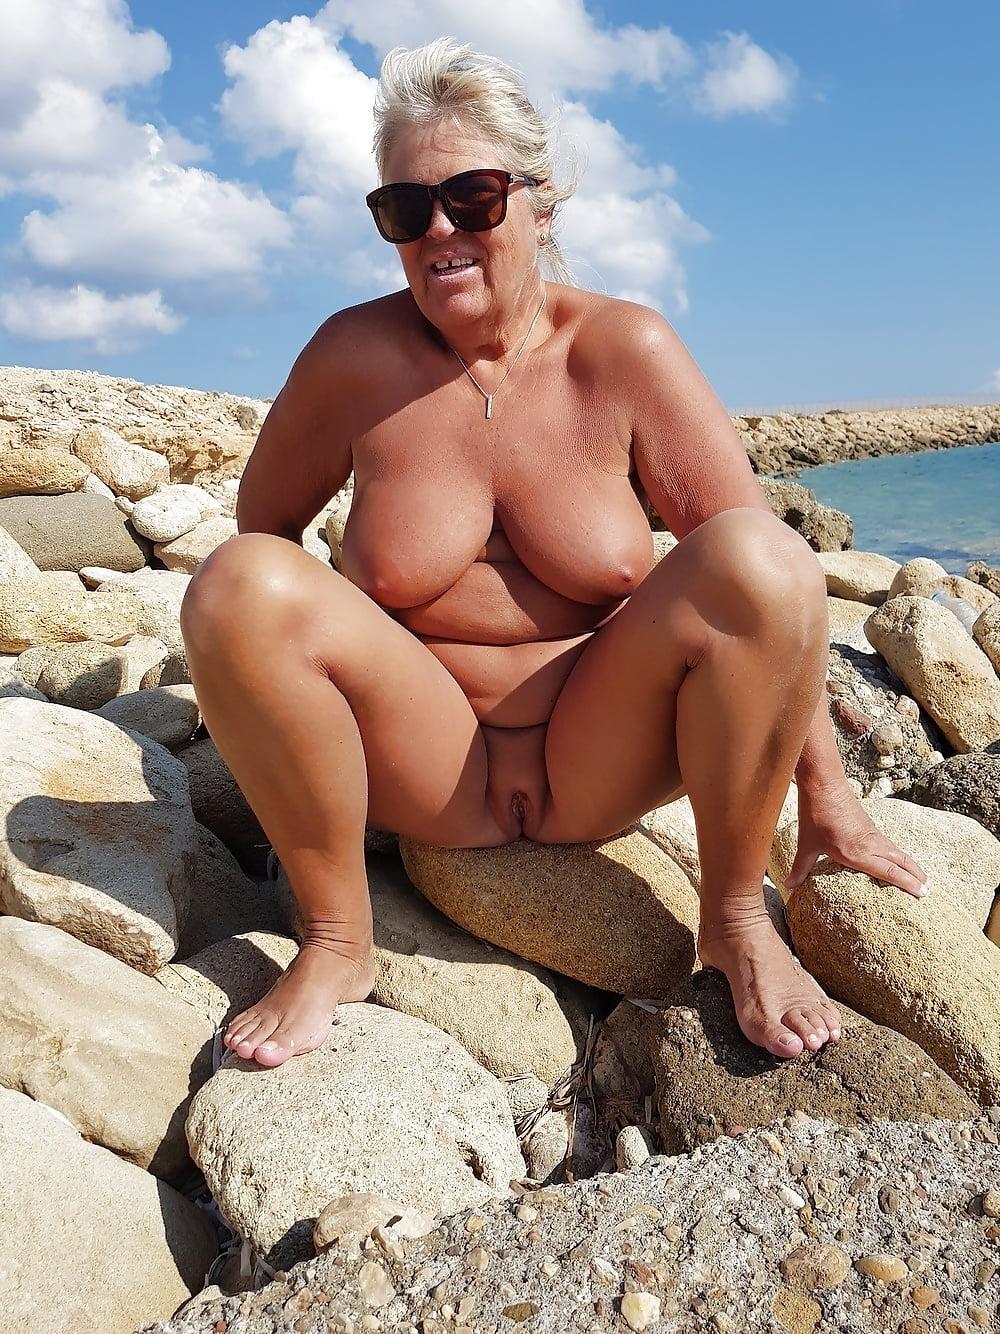 Nude sunbathing grannies, porno amatoriale ita